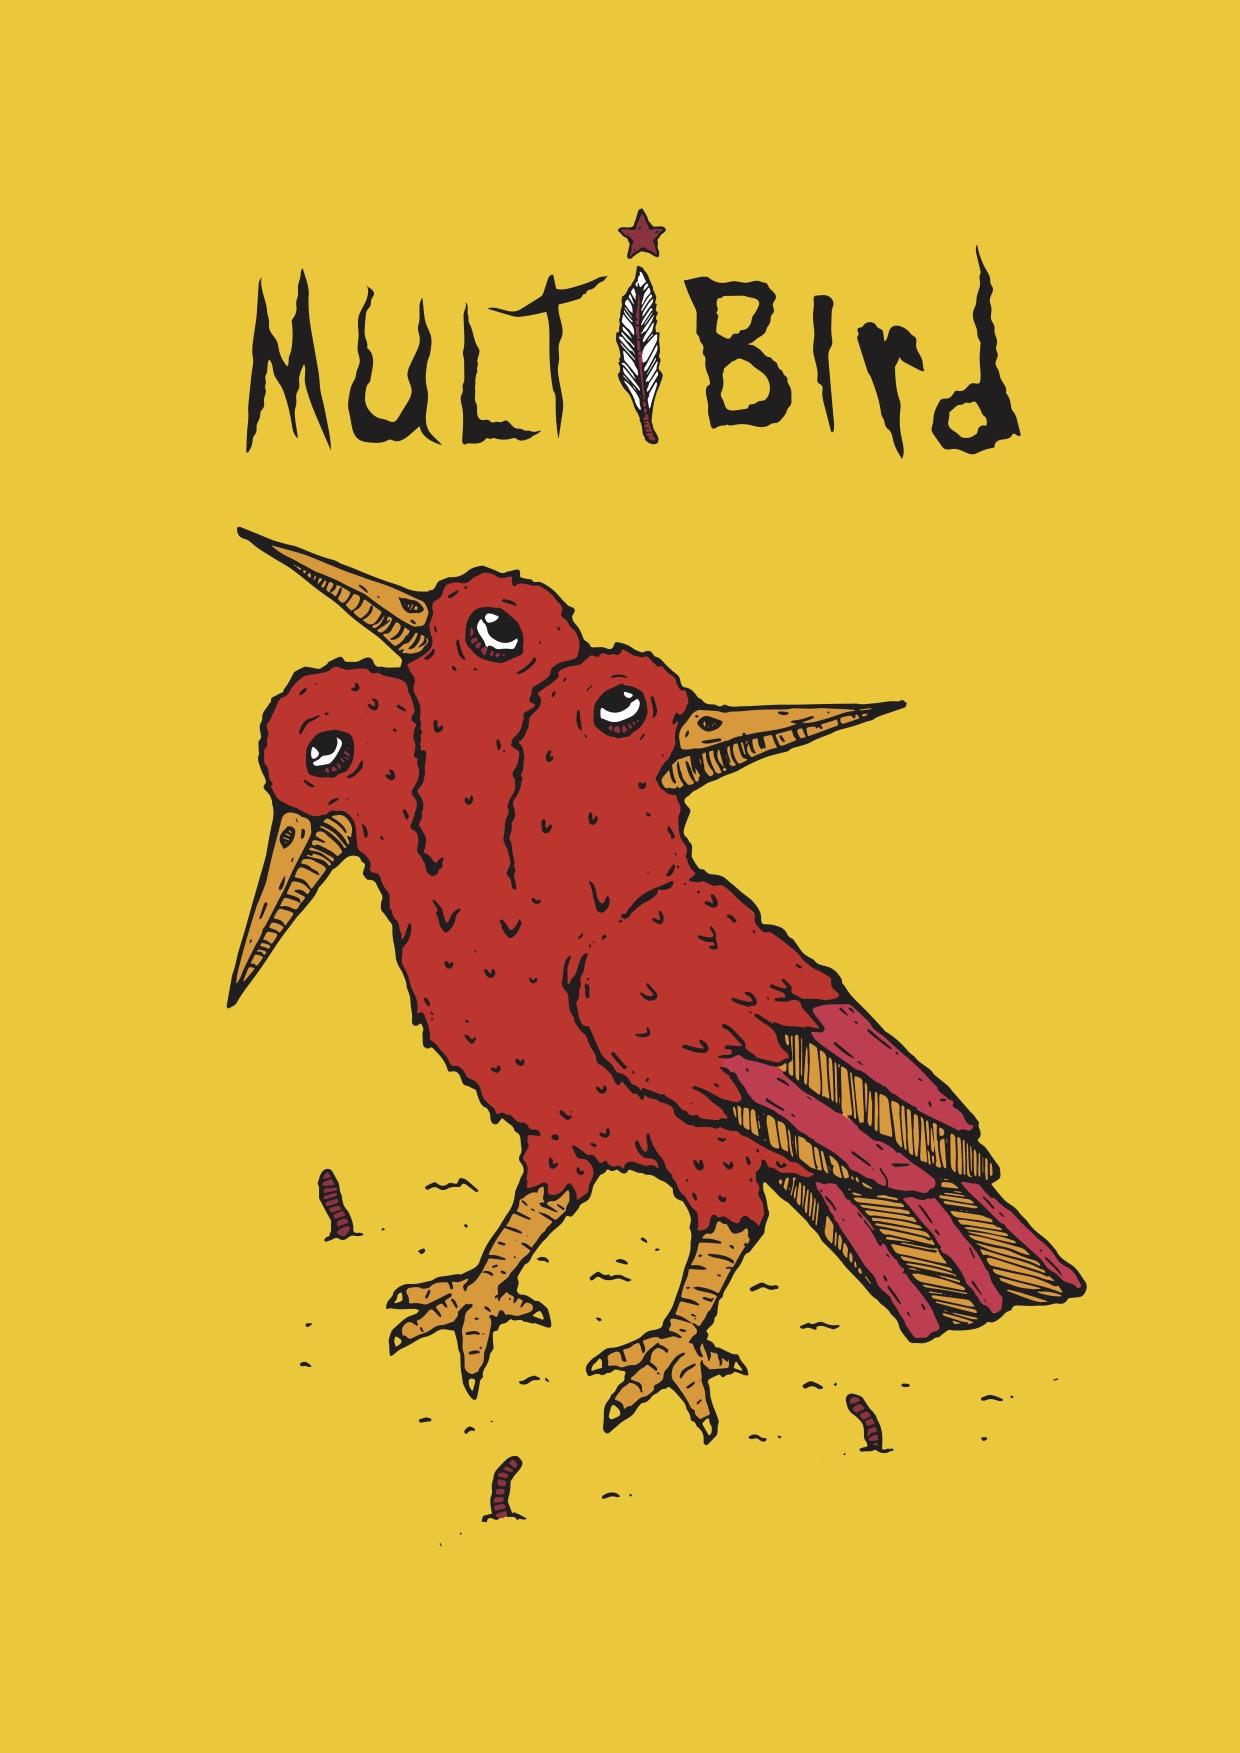 multibird image